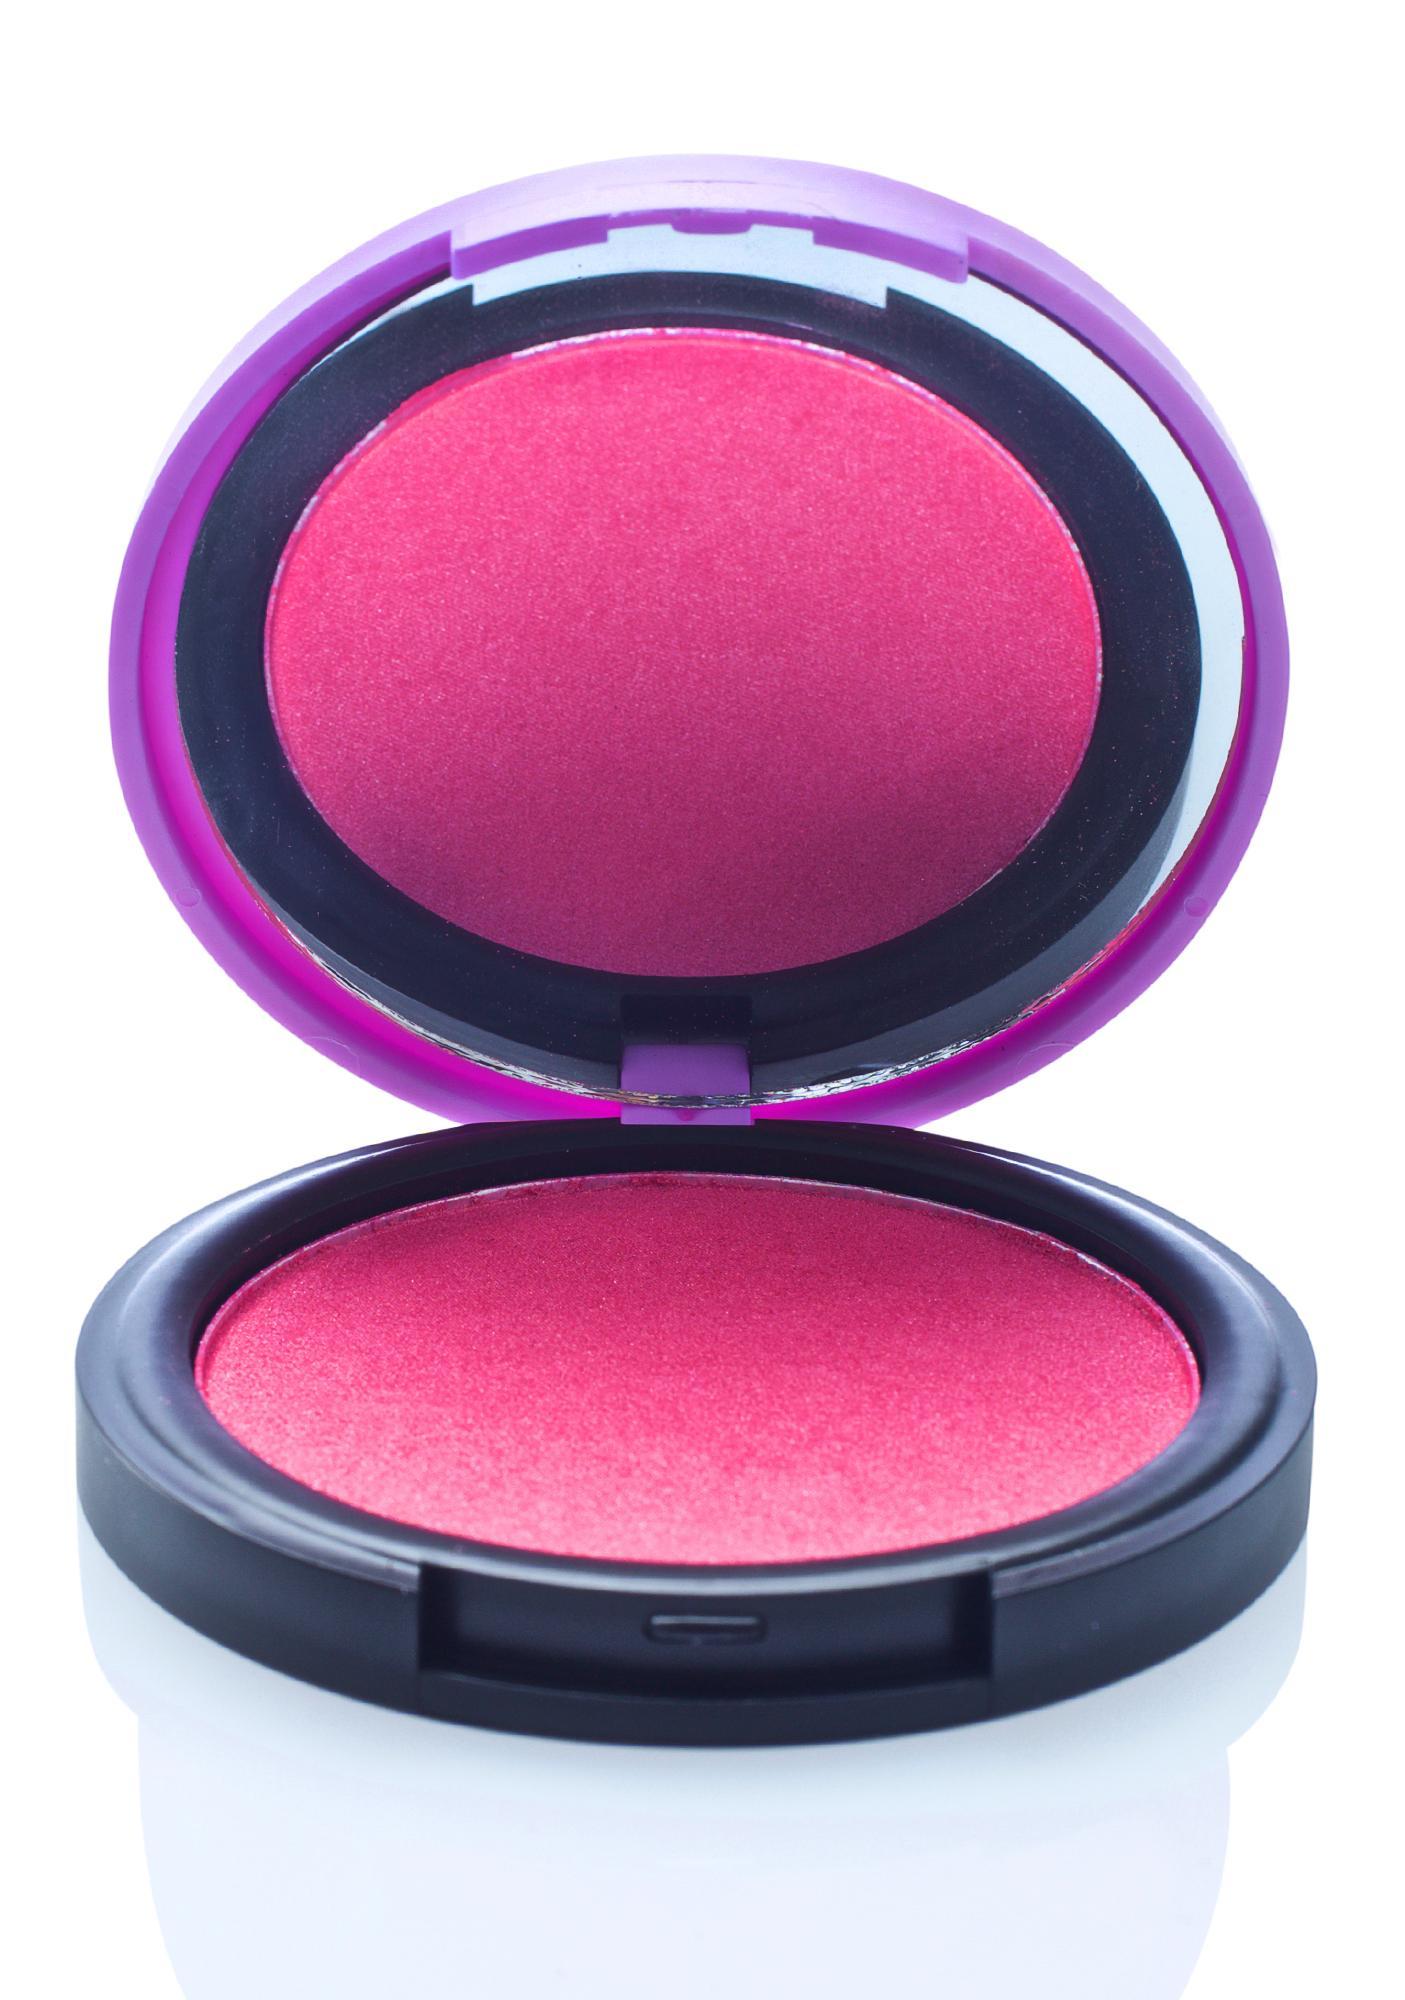 Medusa's Makeup Dangerous Liaison Blush